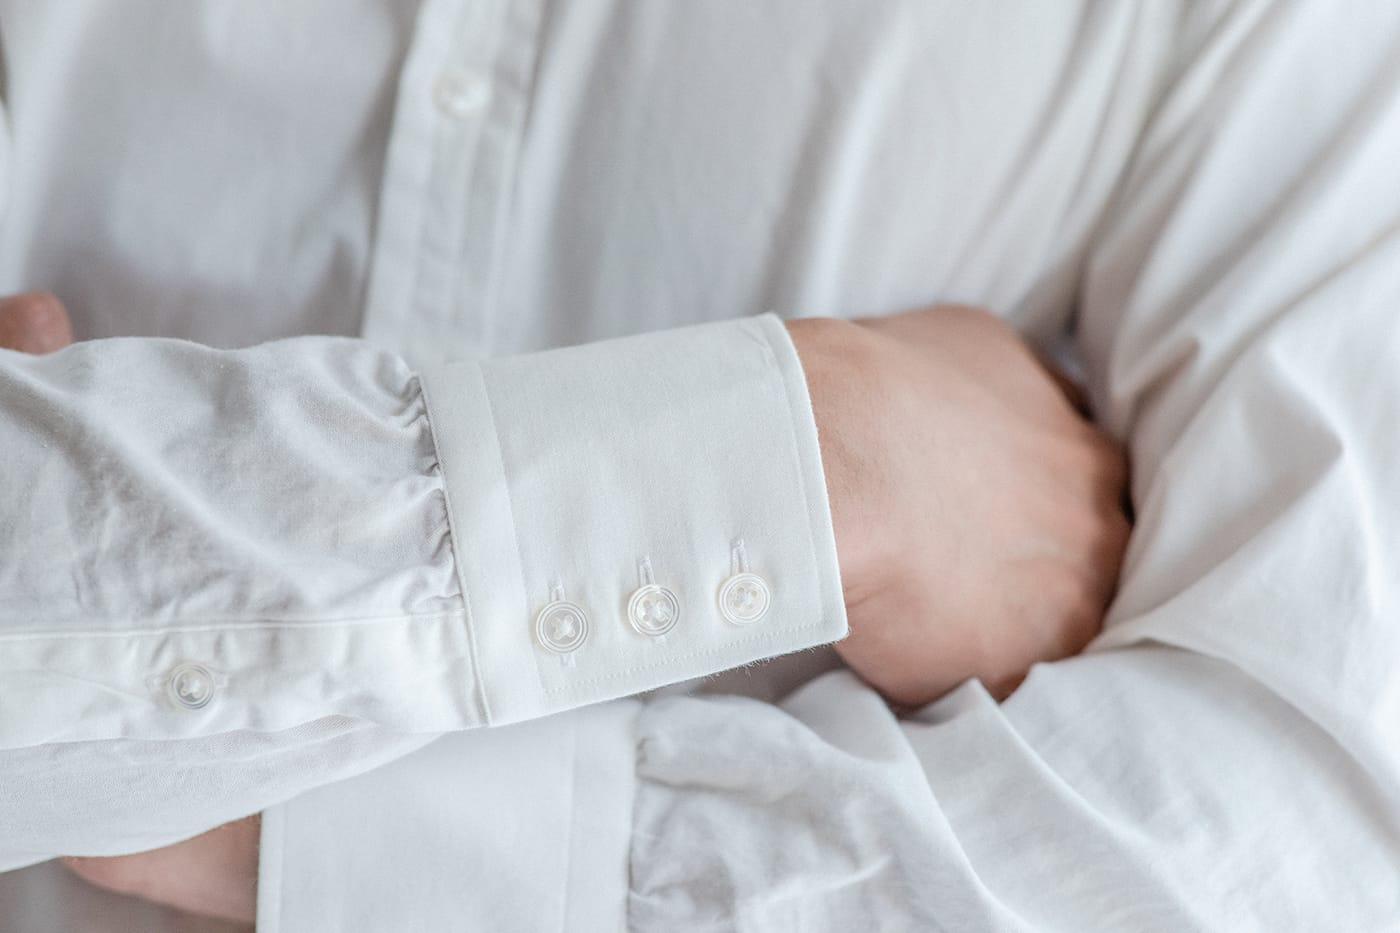 カジュアルシャツ「ブライトン」 クラシックな3連ボタンカフスも、芯地にこだわって柔らかに